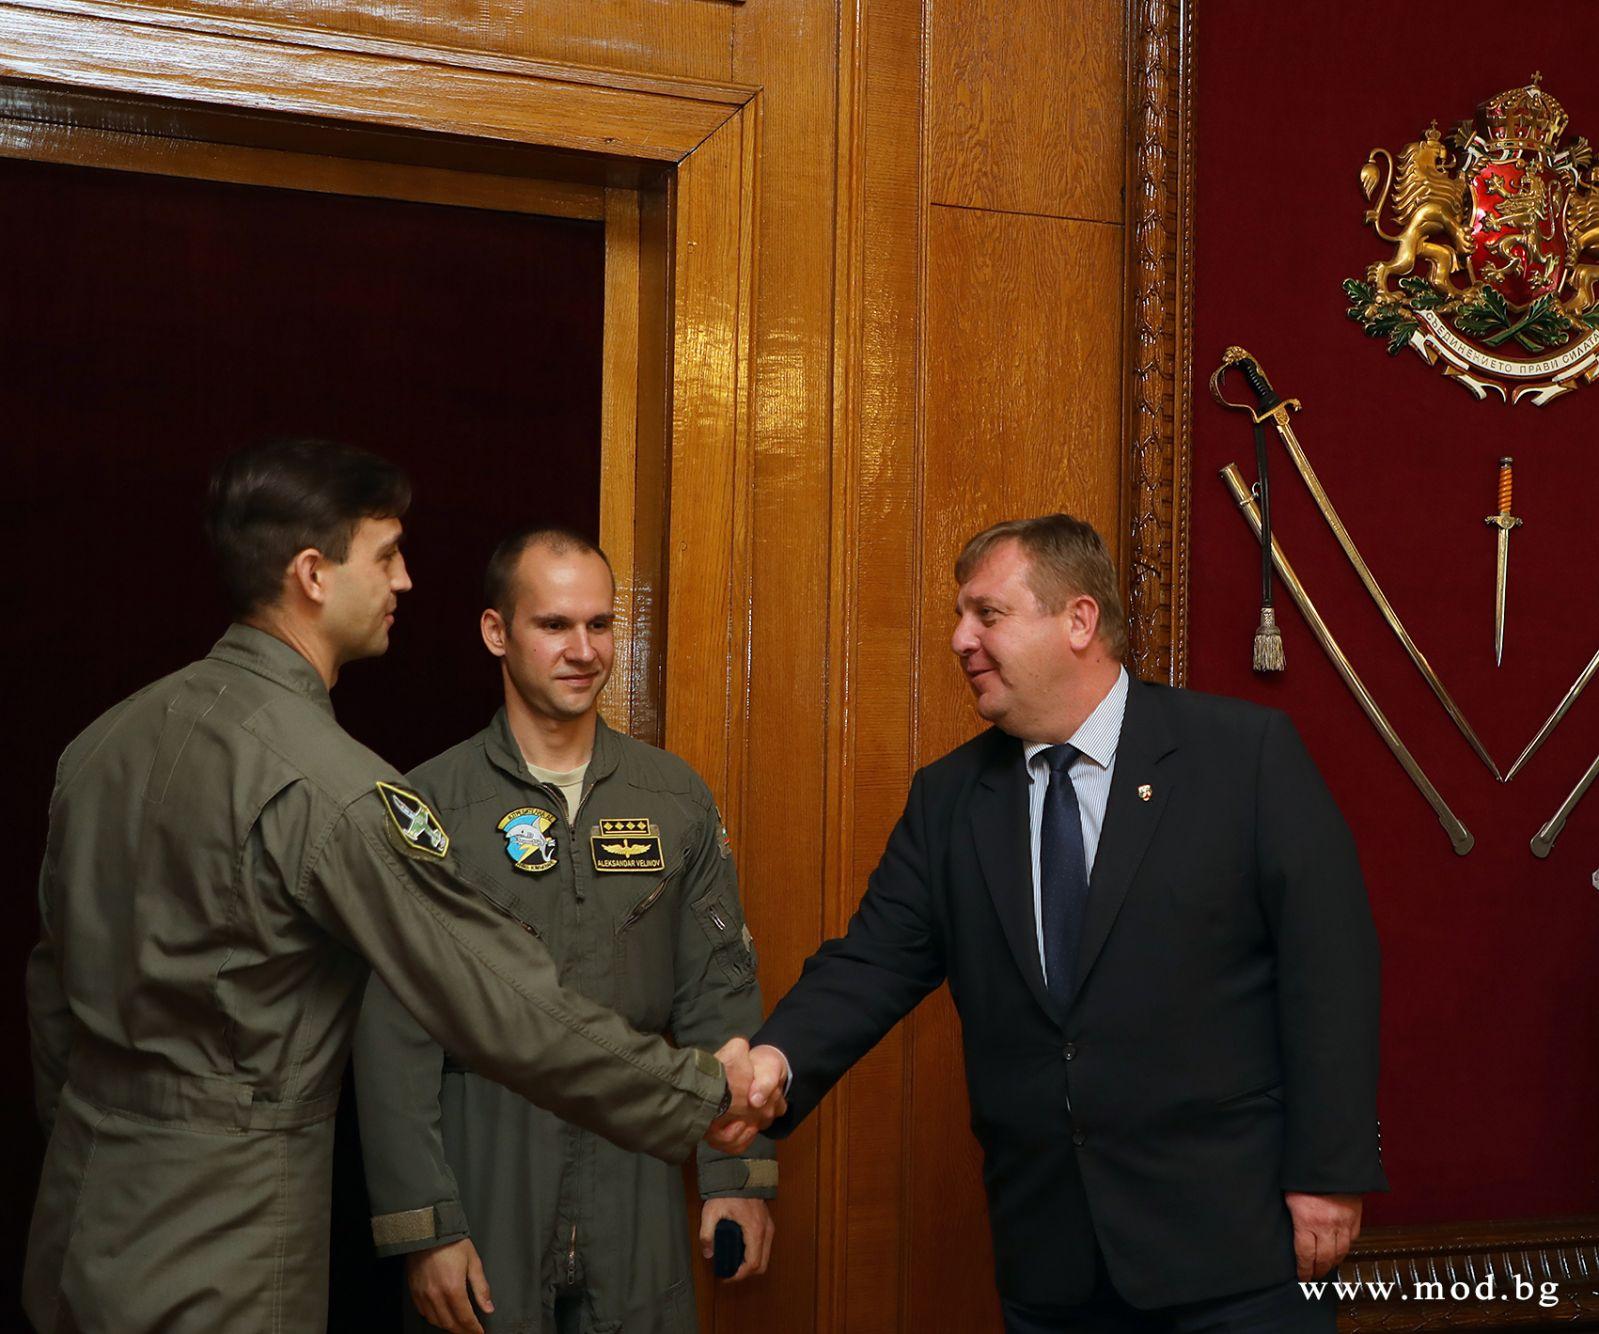 Министър Красимир Каракачанов и НО адмирал Емил Ефтимов пожелаха успех на пилотите, които ще се обучават на новия боен самолет (ГАЛЕРИЯ)